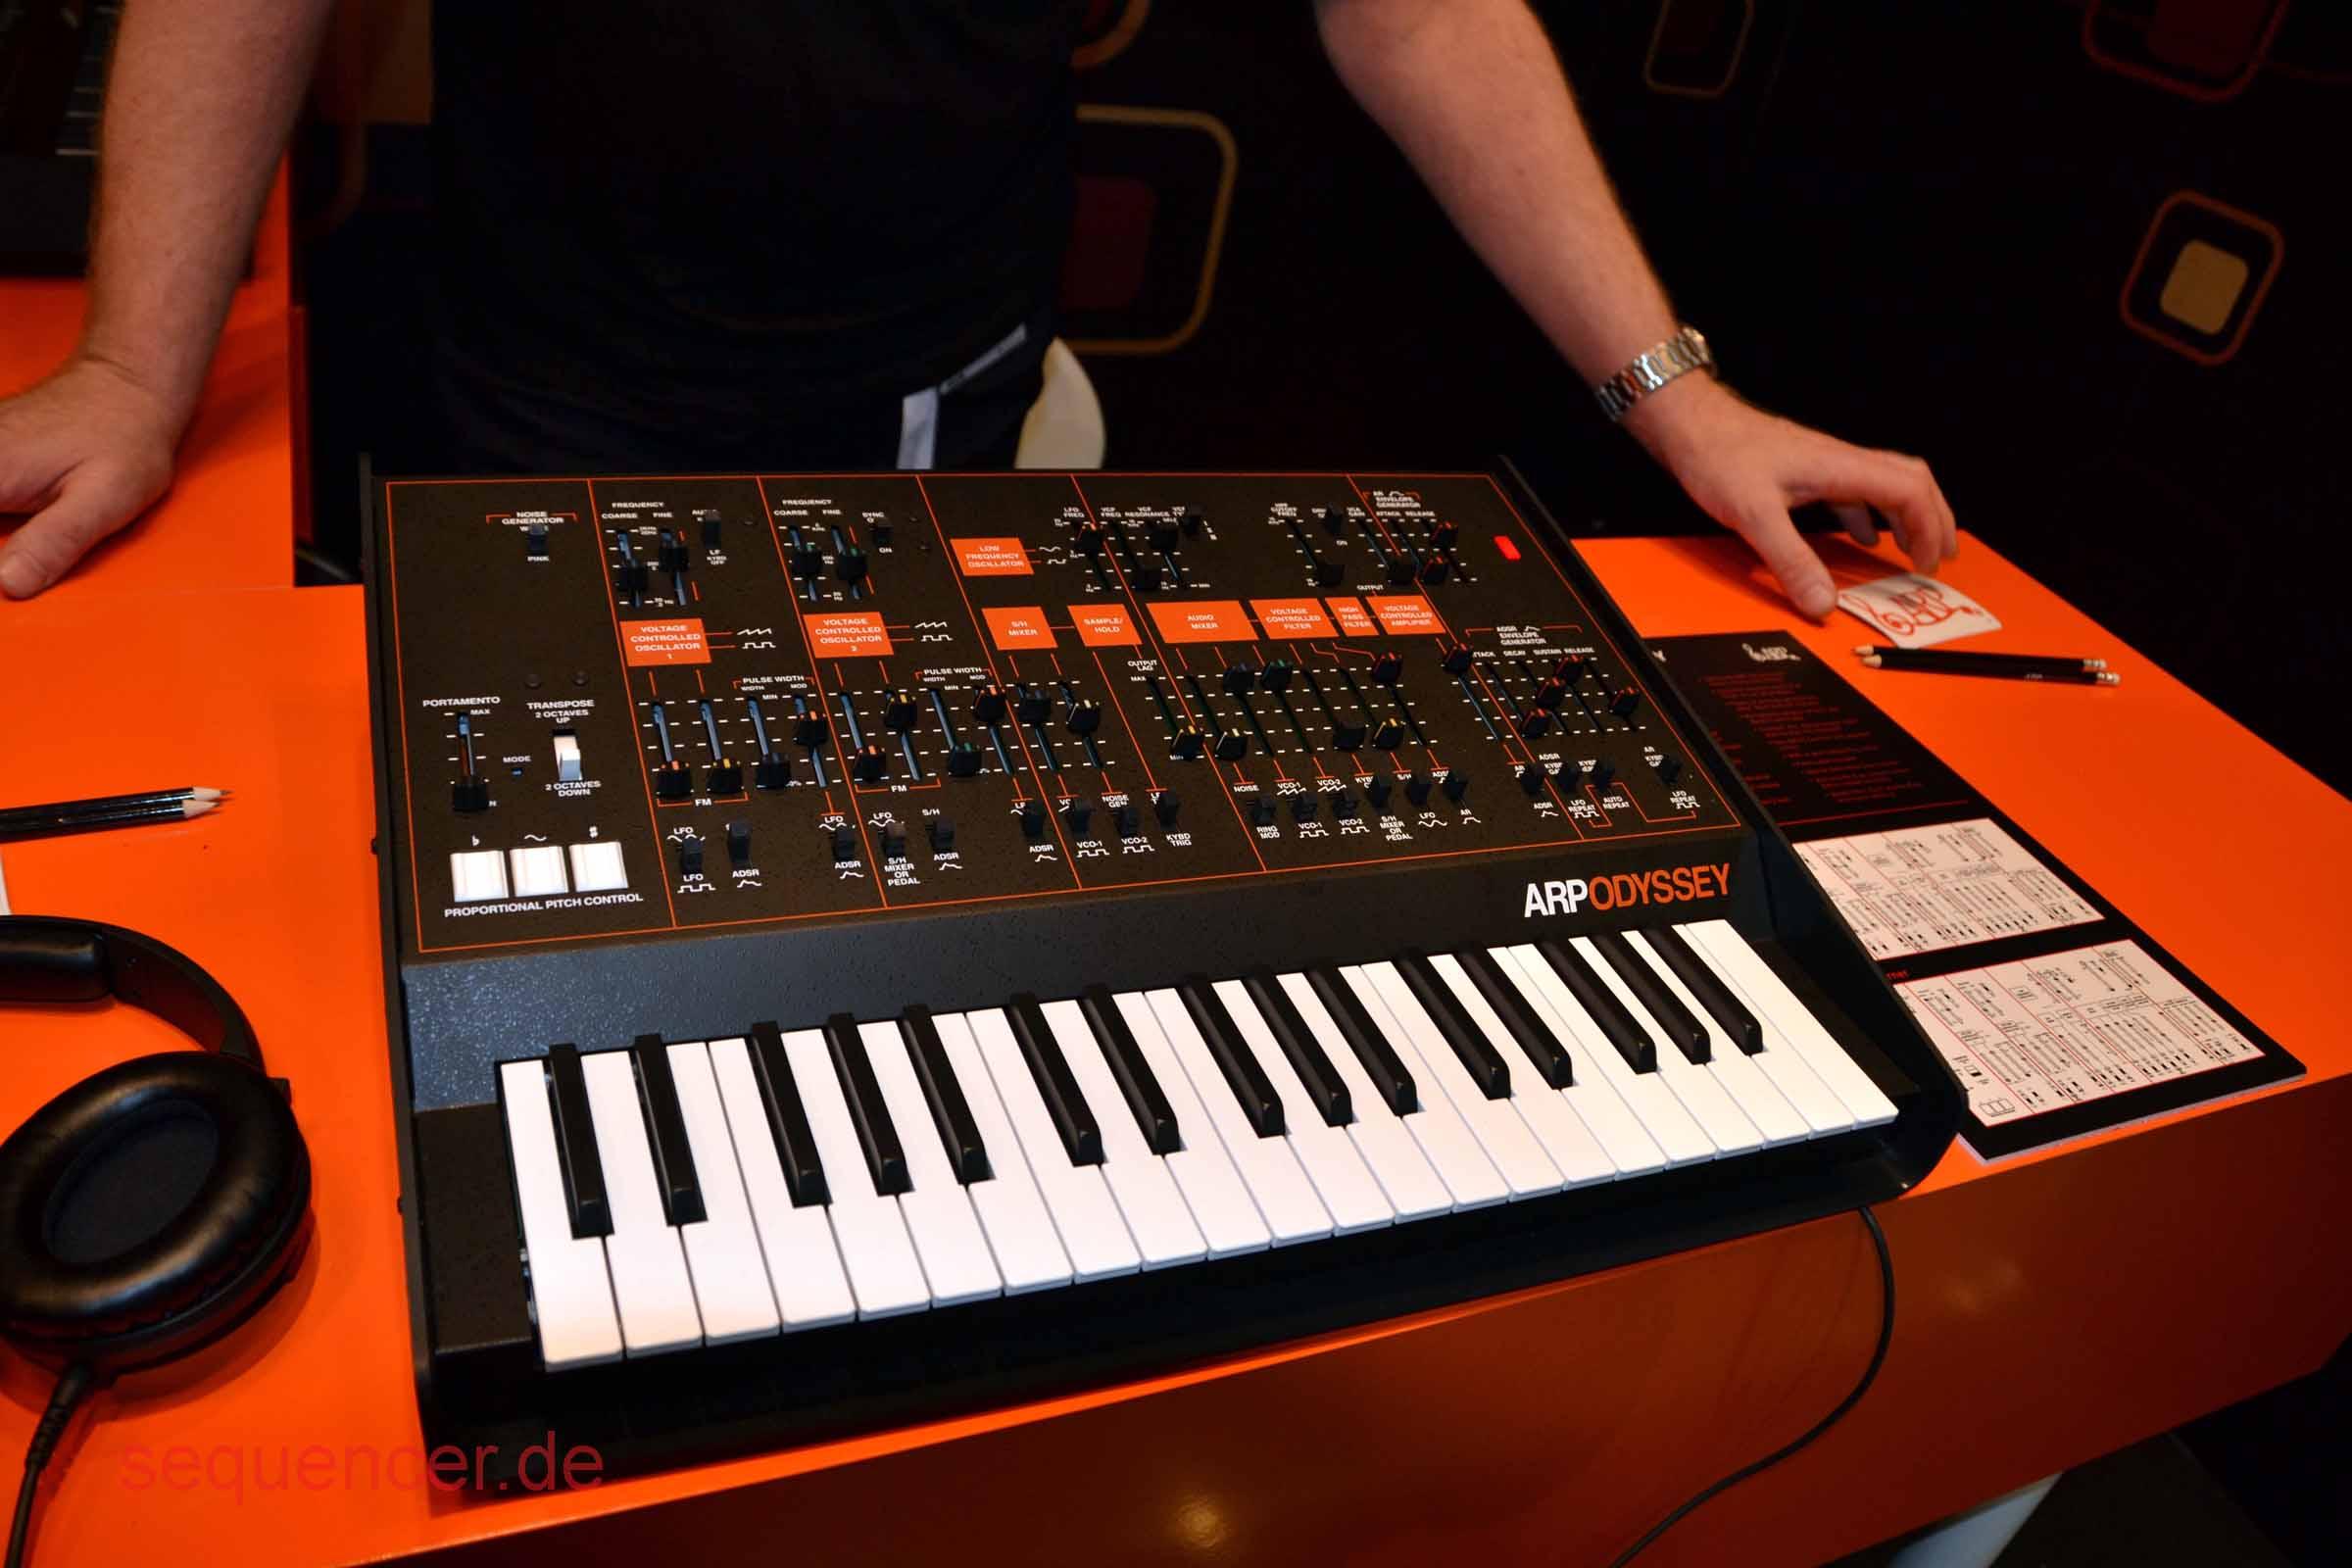 ARP Odyssey , Korg Odyssey synthesizer